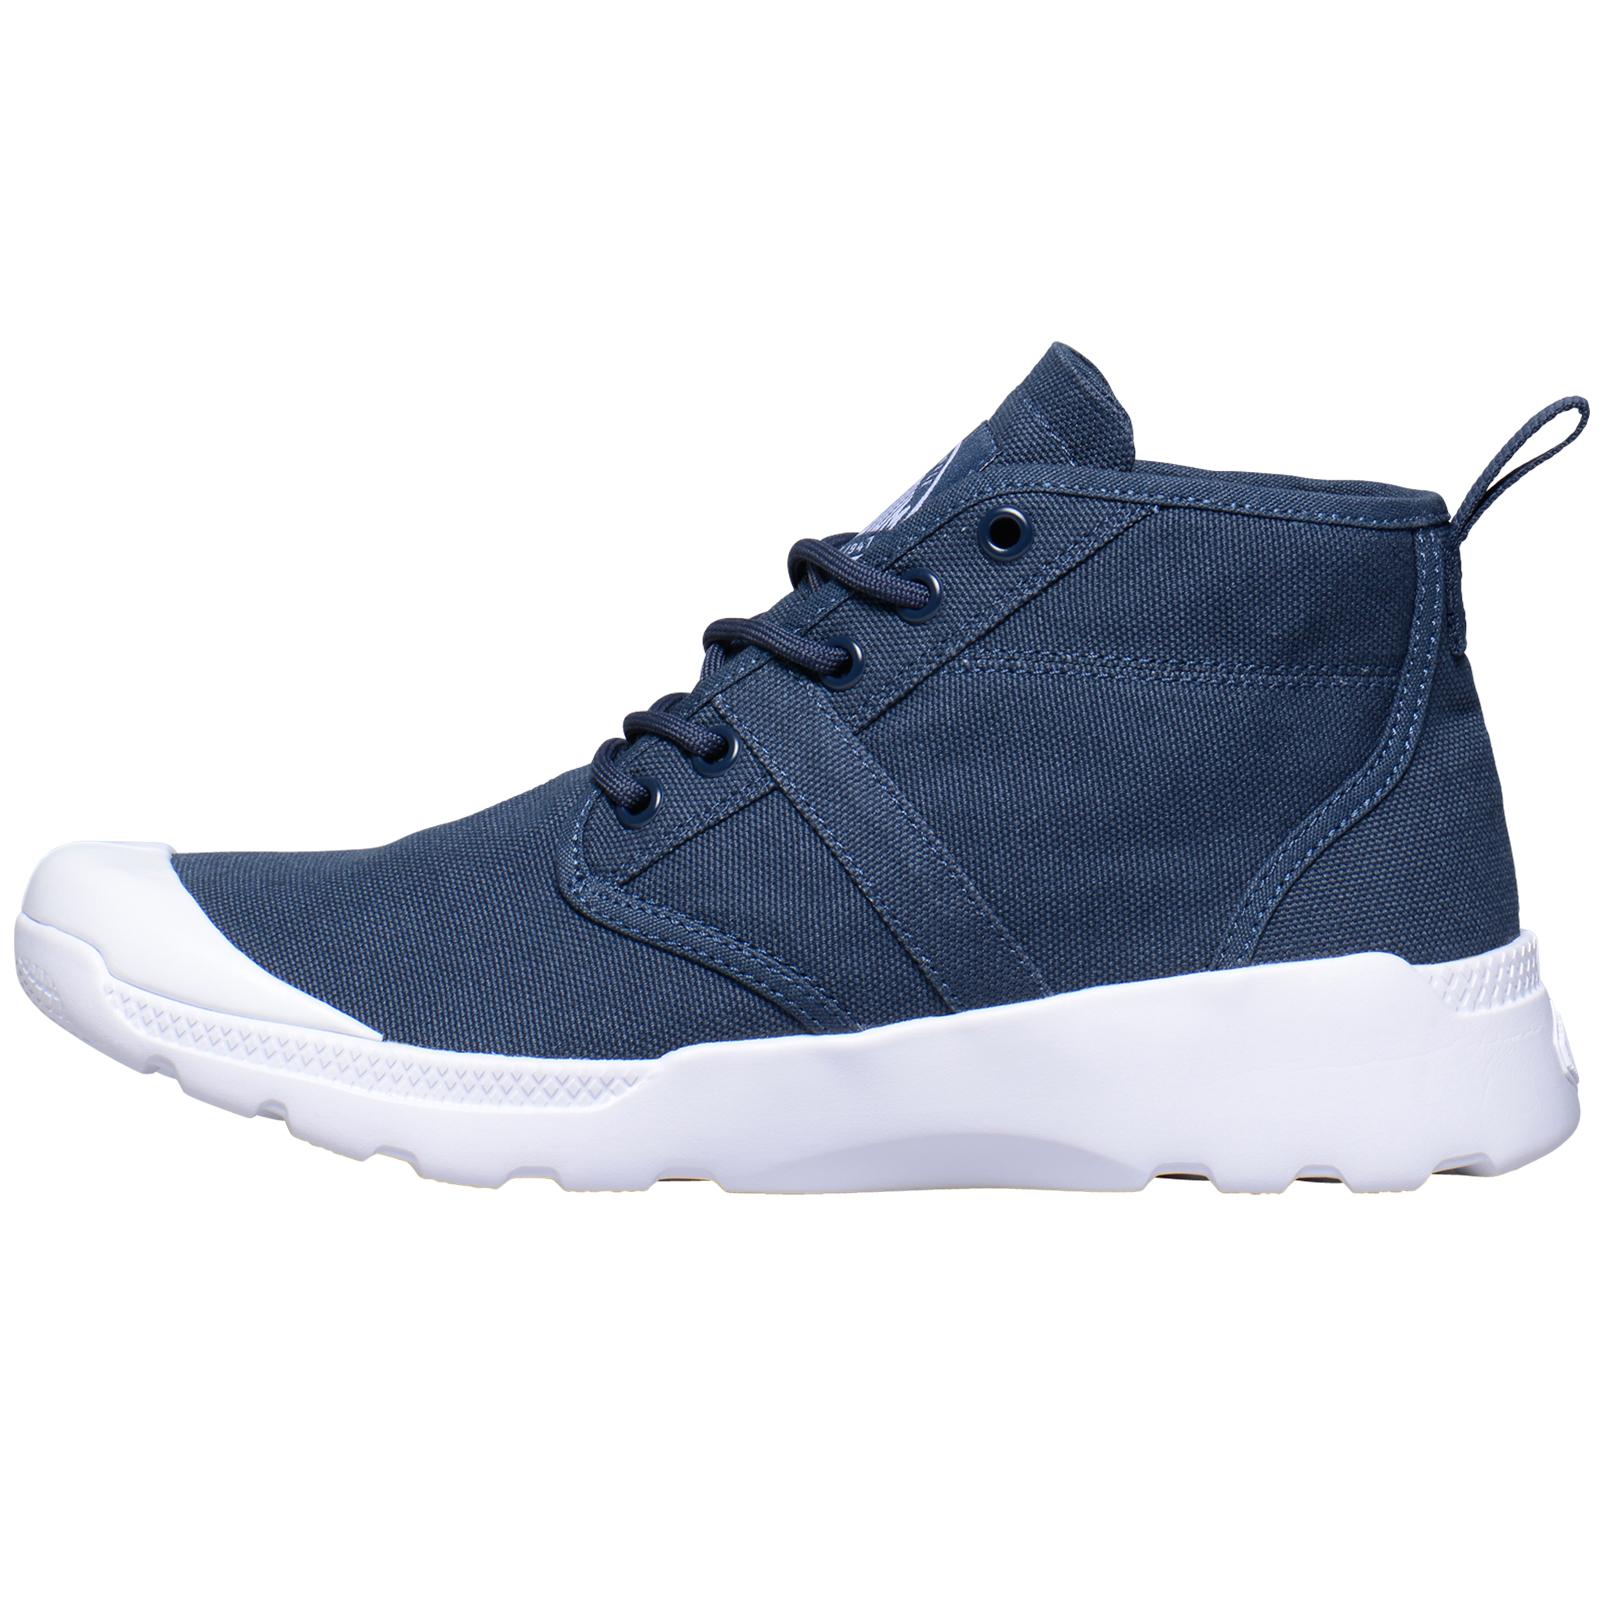 Palladium-Zapatos-para-hombre-de-disenador-Pallaville-Hi-Deux-Nueva-Lona-Botas-al-tobillo-con